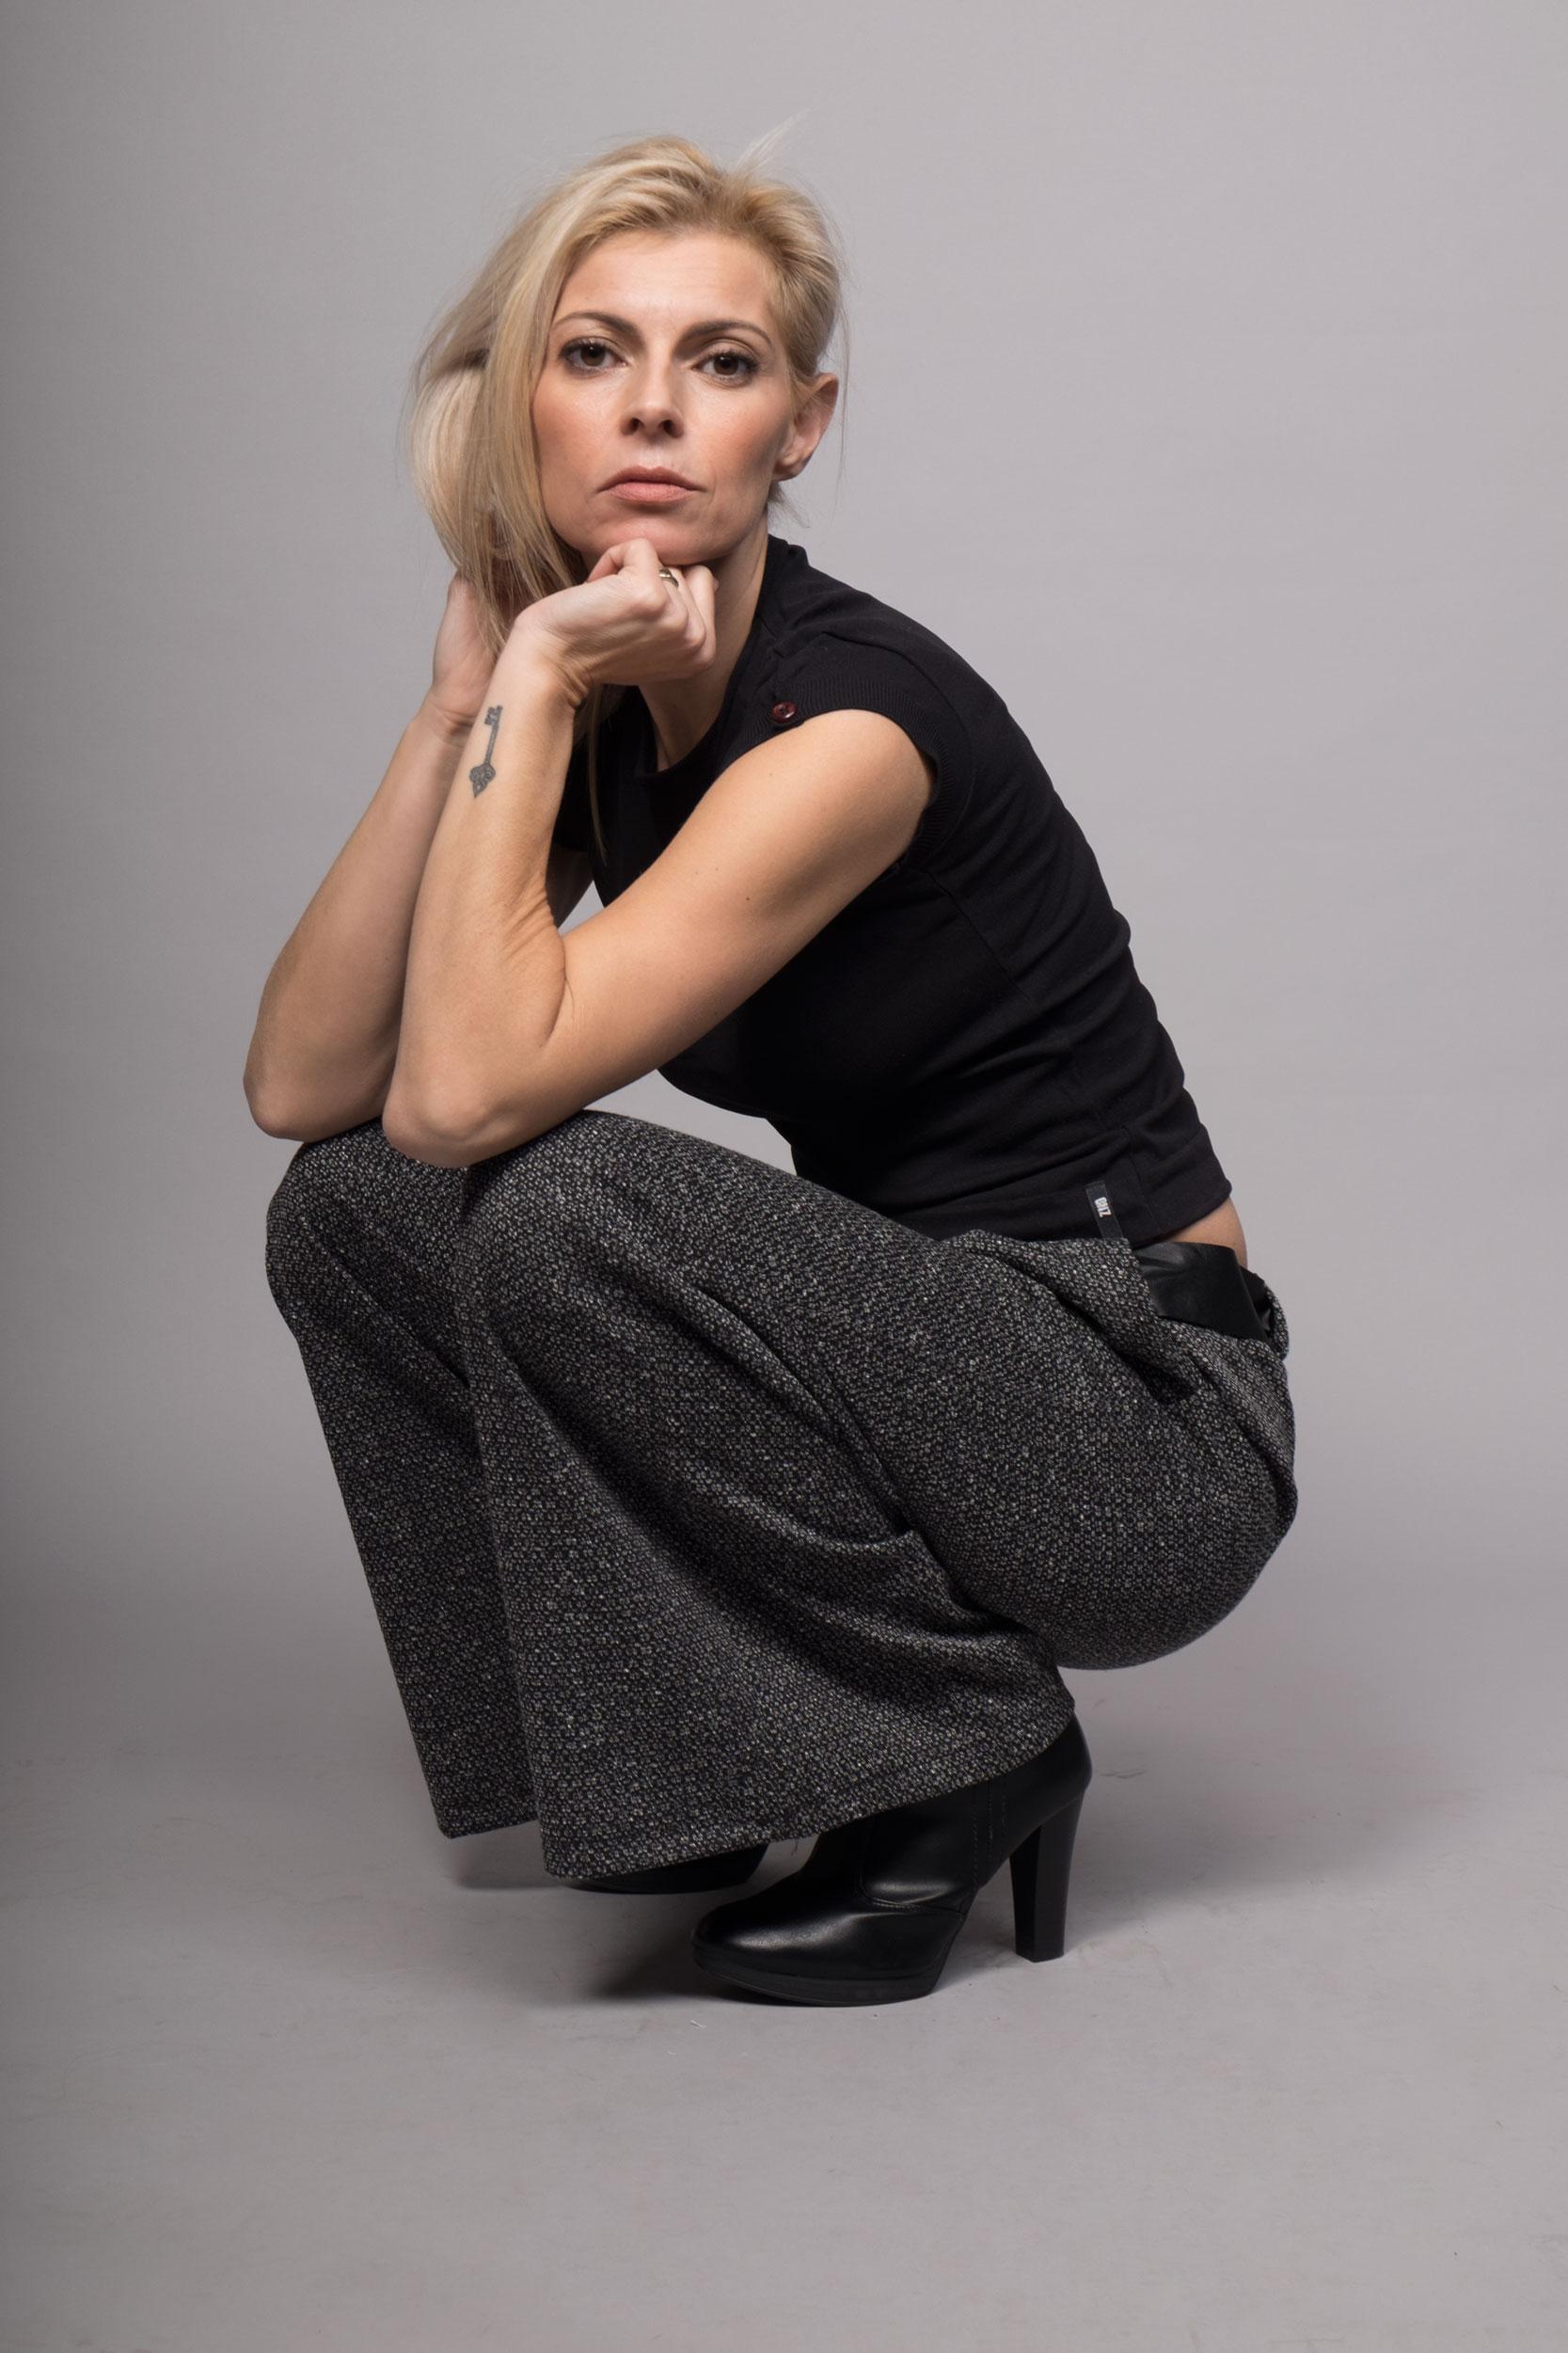 Creative Models - Agenzia Modelle Brescia - Ramona Modella Over 40